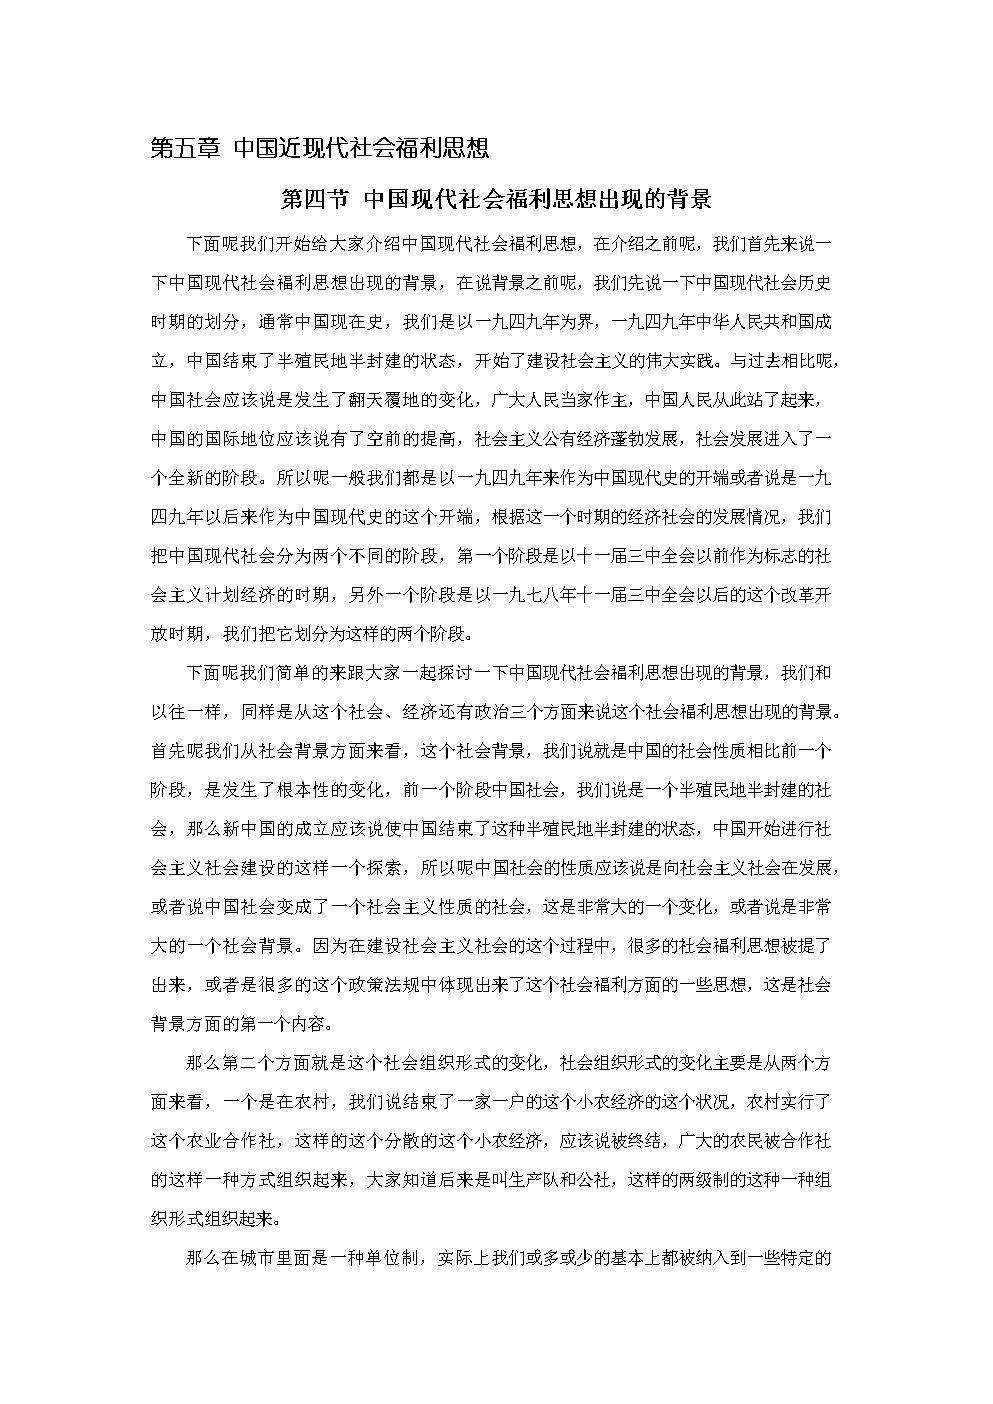 中国现代社会福利思想出现的背景 .doc